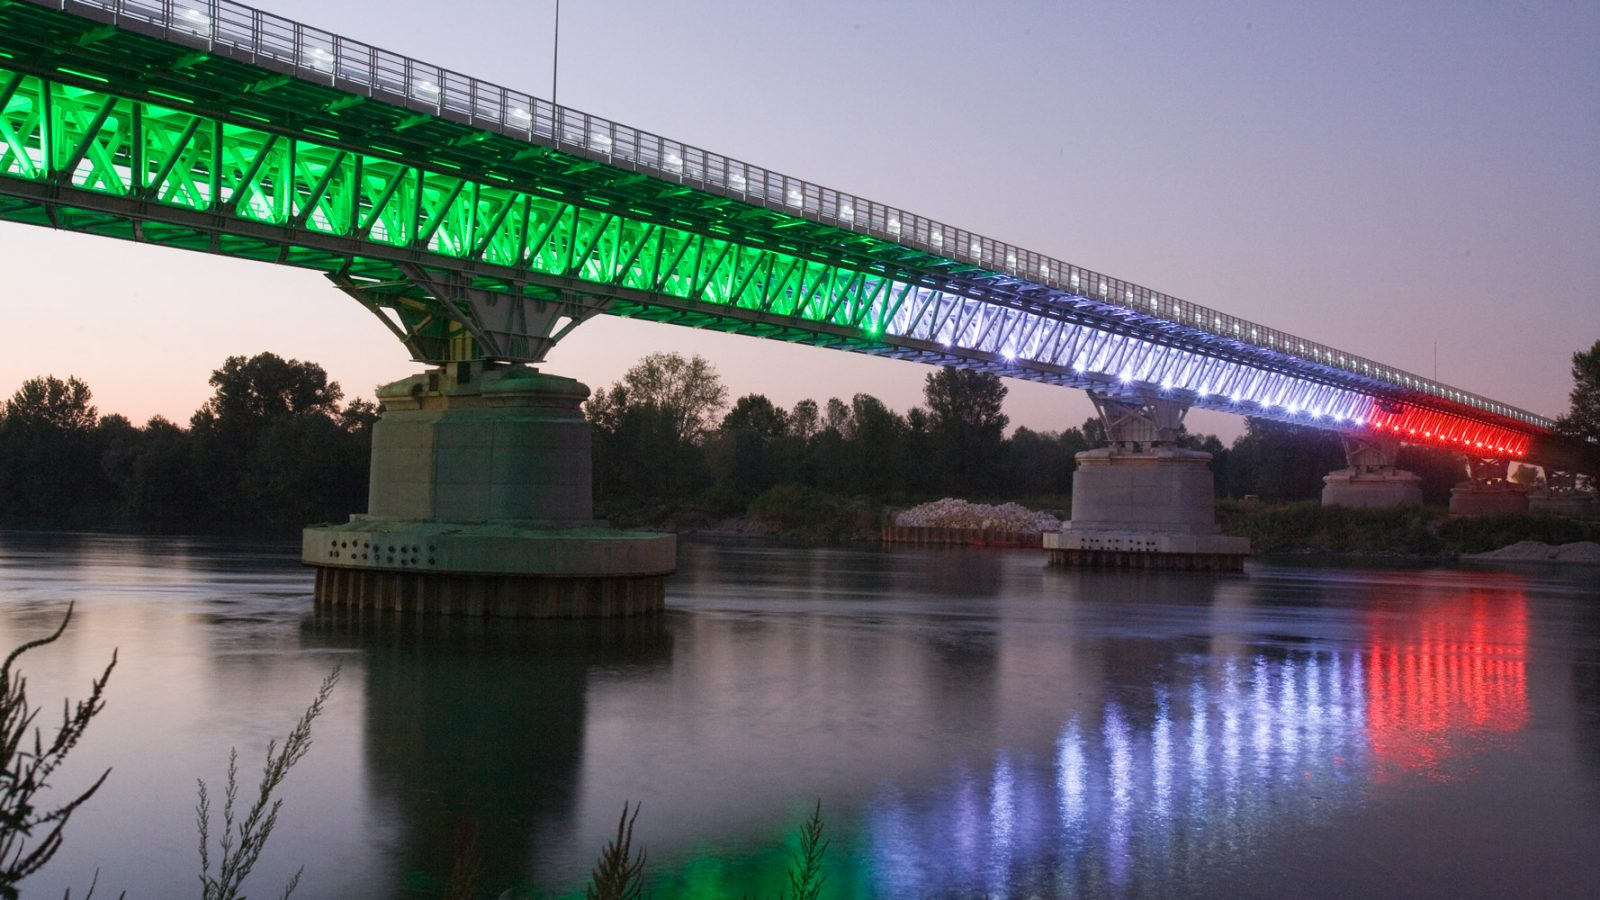 Strada statale 9 Via Emilia, Ponte sul fiume Po - 150° anniversario dell'Unità d'Italia (2011, Archivio storico Anas)